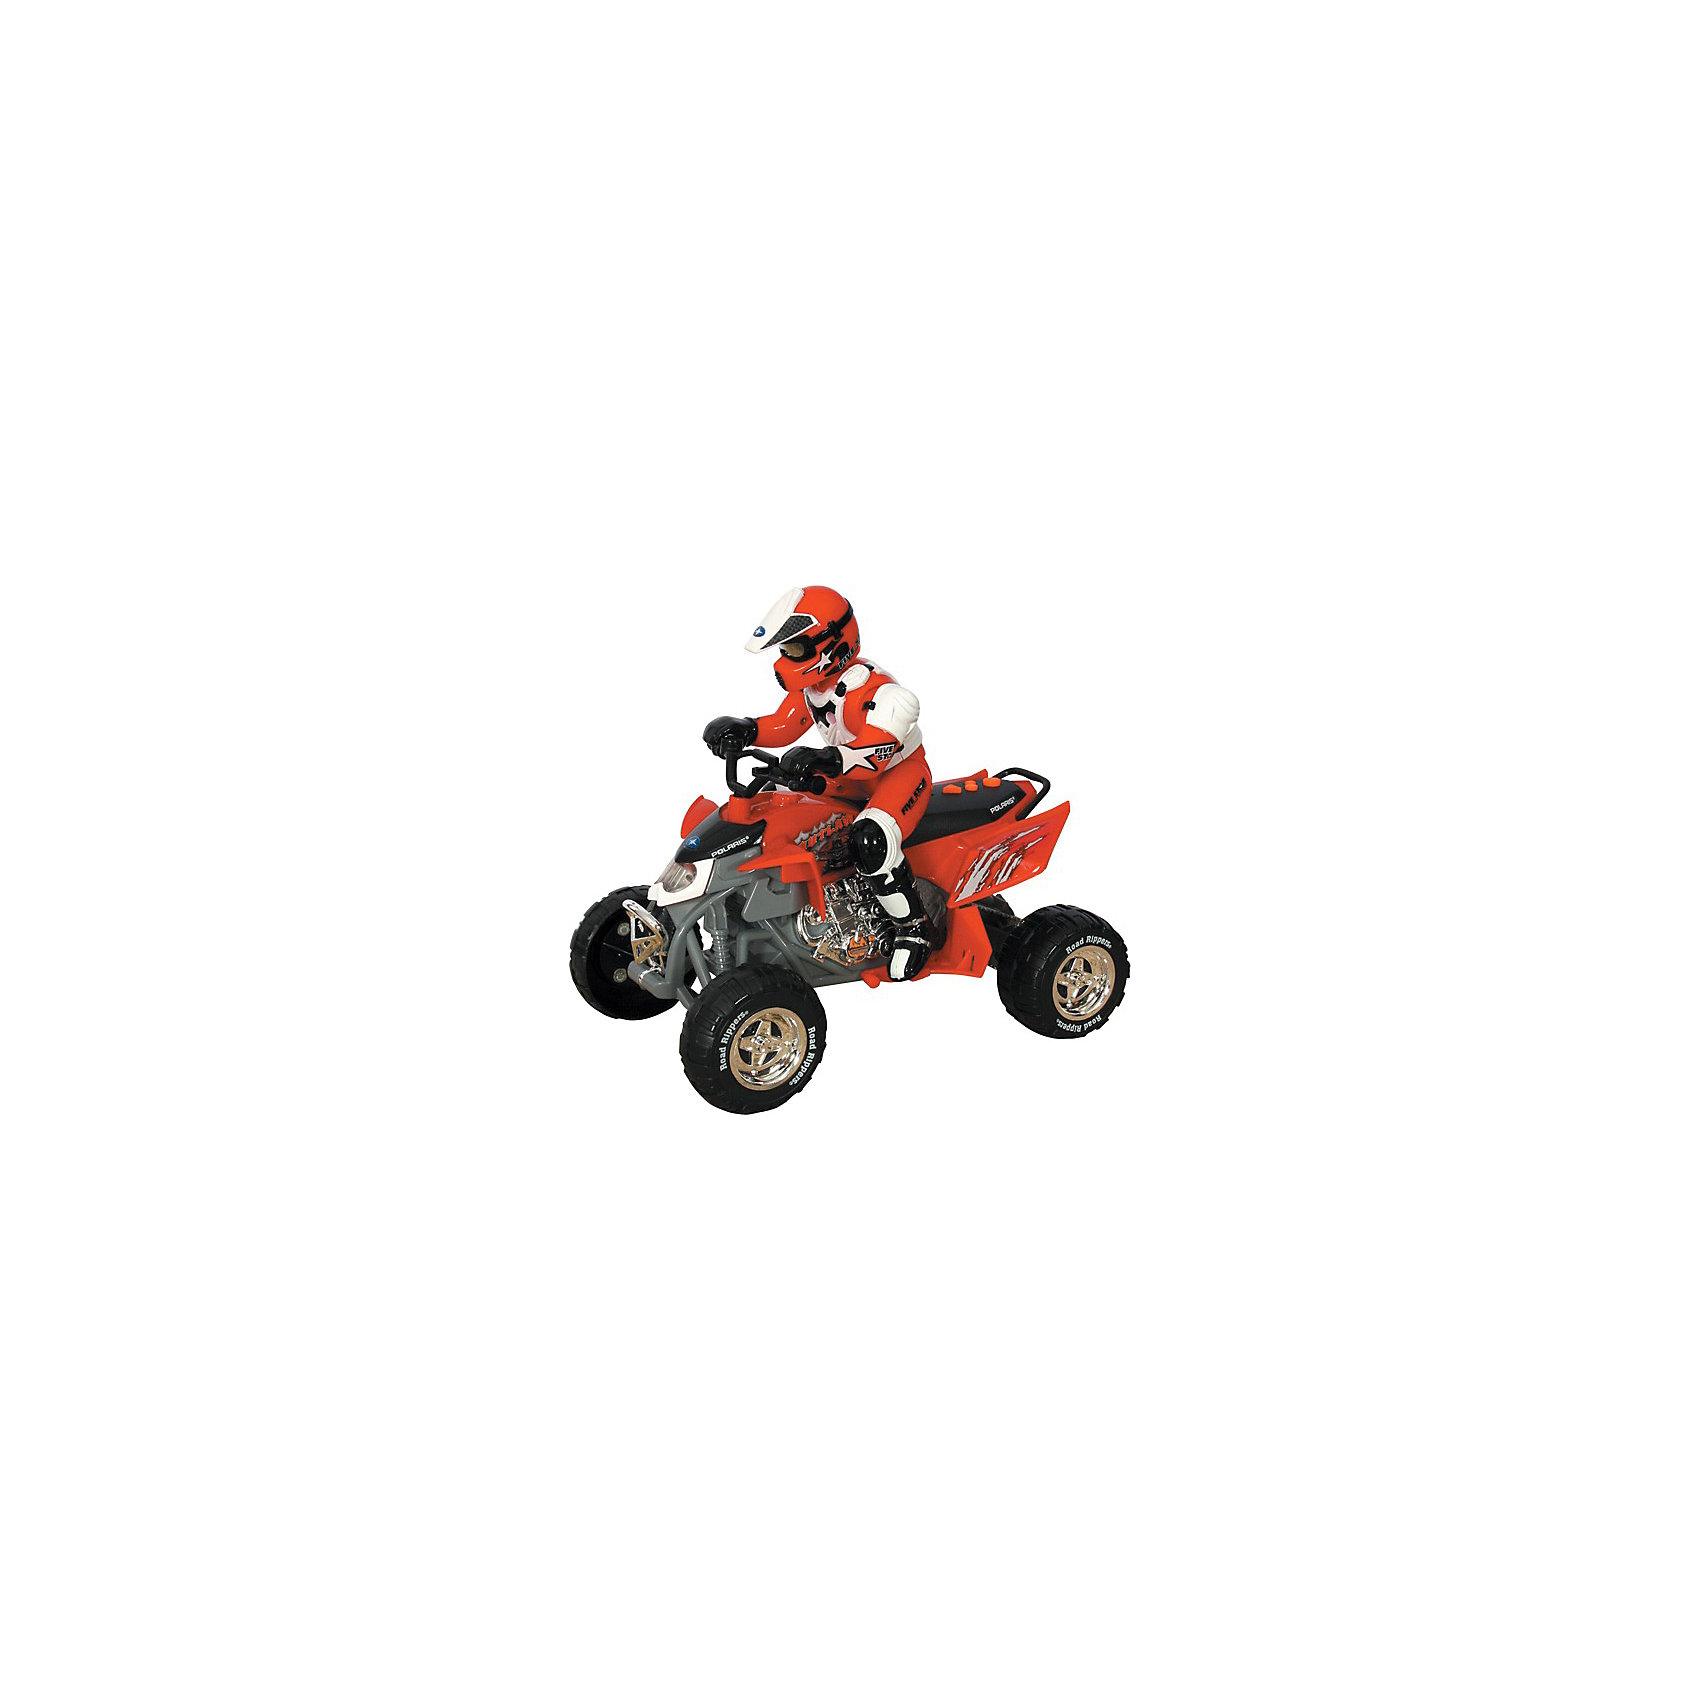 Квадроцикл/трицикл, с гонщиком, со светом и звуком, ToystateКвадроцикл/трицикл Road Rippers, с гонщиком, со светом и звуком, Toystate, в ассортименте - прекрасная модель для вашего малыша. Игрушка оснащена звуковыми и световыми эффектами, что делает игрушку ещё более реалистичной и увлекательной. Игрушка изготавливается по новейшим технологиям, из высококачественного материала с использованием гипоаллергенных красителей.<br><br>Дополнительная информация:<br><br>- Тип батареек: 3 х АА / LR6 1.5V (в комплекте нет)<br>- Материал: металл, пластмасса<br>- Размер коробки: 29 х 25.5 х 16 см.<br>- Вес: 1020 гр.<br><br>ВНИМАНИЕ! Данный артикул имеется в наличии в различных цветовых исполнениях (желтый, красный, оранжевый). К сожалению, заранее выбрать определенный цвет невозможно. При заказе нескольких игрушек возможно получение одинаковых<br><br>Квадроцикл/трицикл, с гонщиком, со светом и звуком, Toystate, в ассортименте можно купить в нашем интернет-магазине.<br><br>Ширина мм: 650<br>Глубина мм: 800<br>Высота мм: 310<br>Вес г: 1020<br>Возраст от месяцев: 24<br>Возраст до месяцев: 60<br>Пол: Мужской<br>Возраст: Детский<br>SKU: 3665517